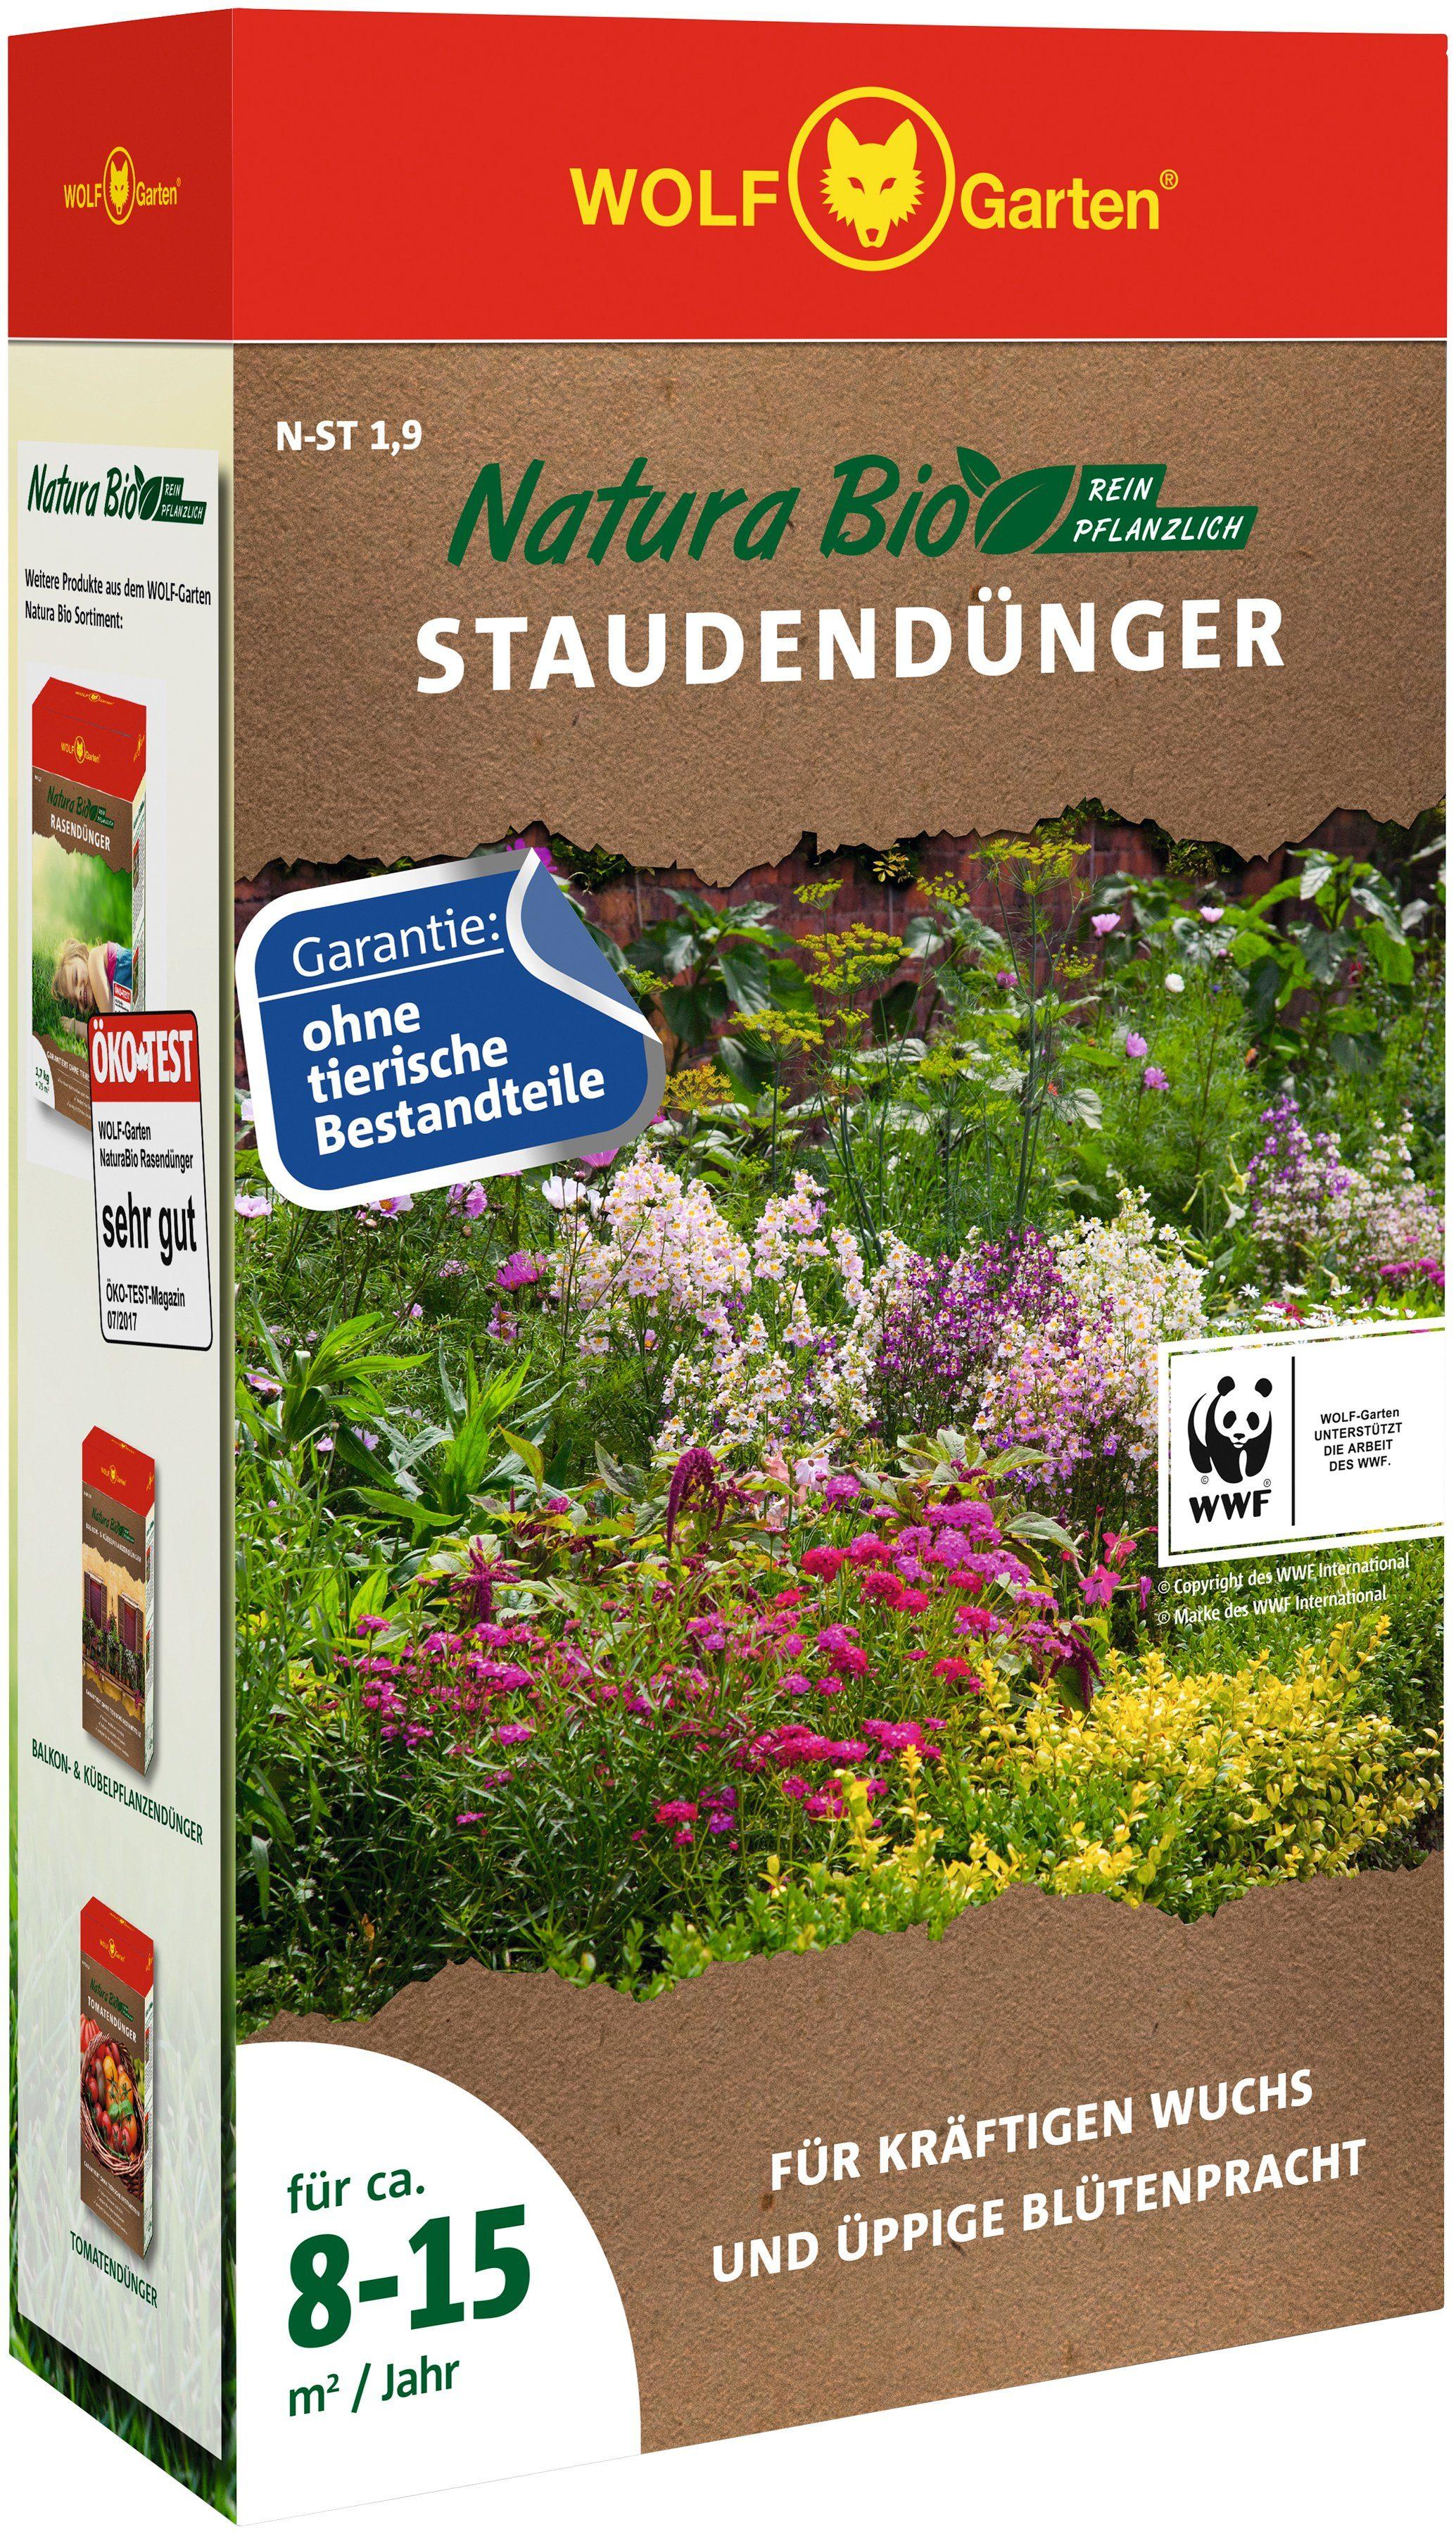 WOLF GARTEN Staudendünger »Natura-Bio N-ST 1,9«